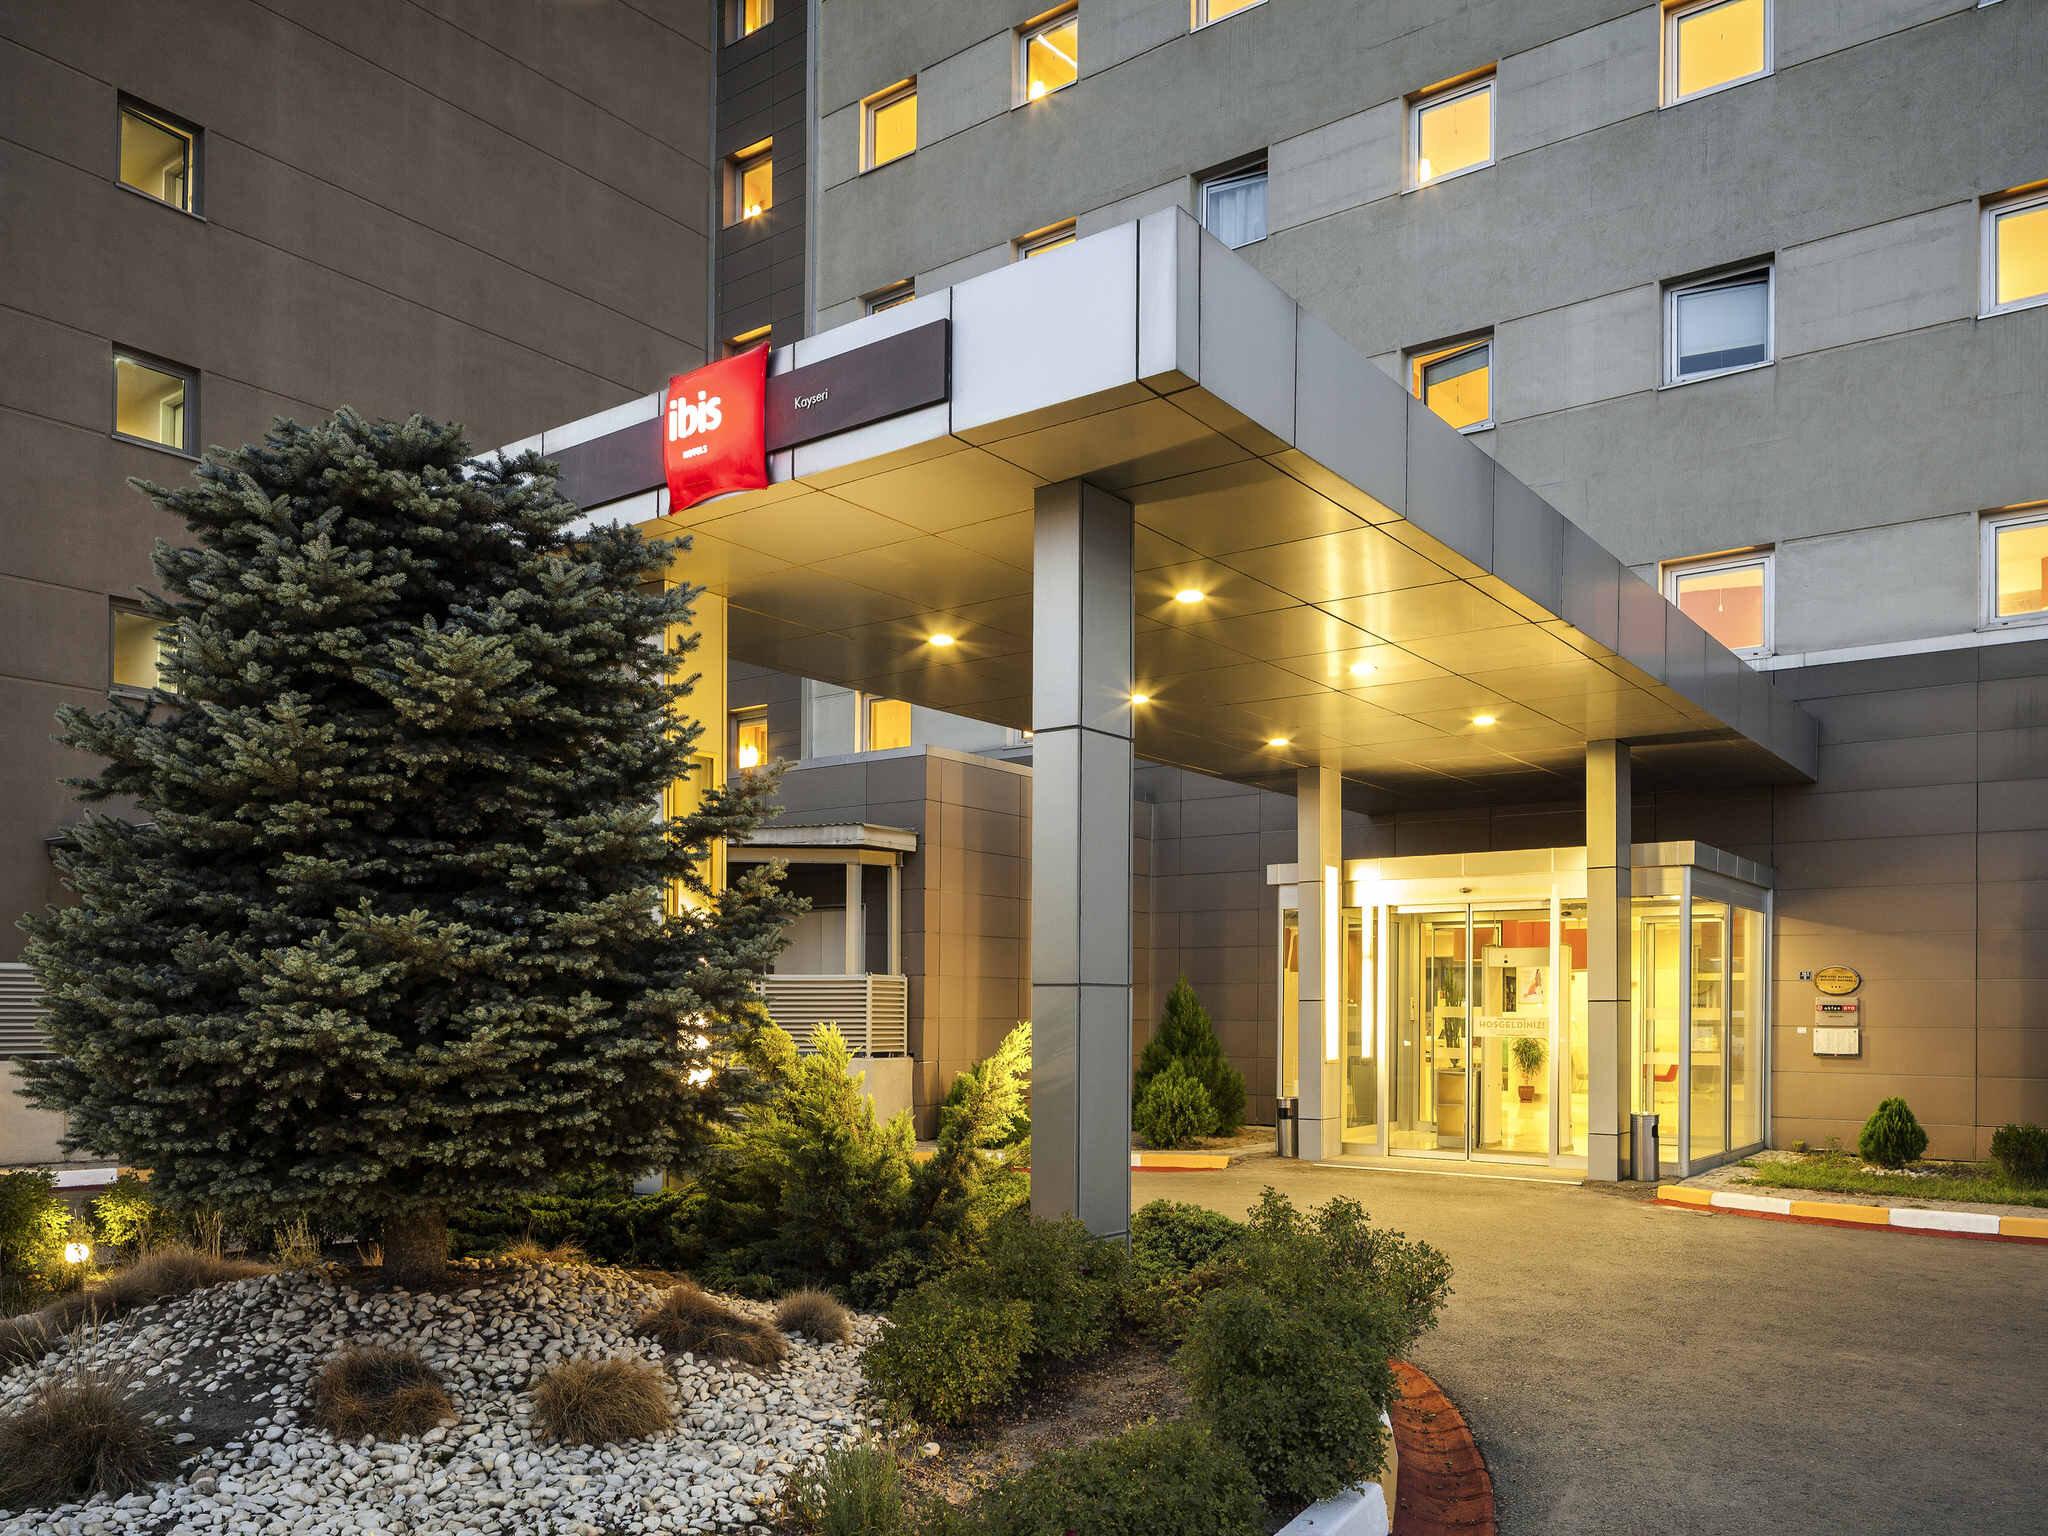 İbis Kayseri Hotel